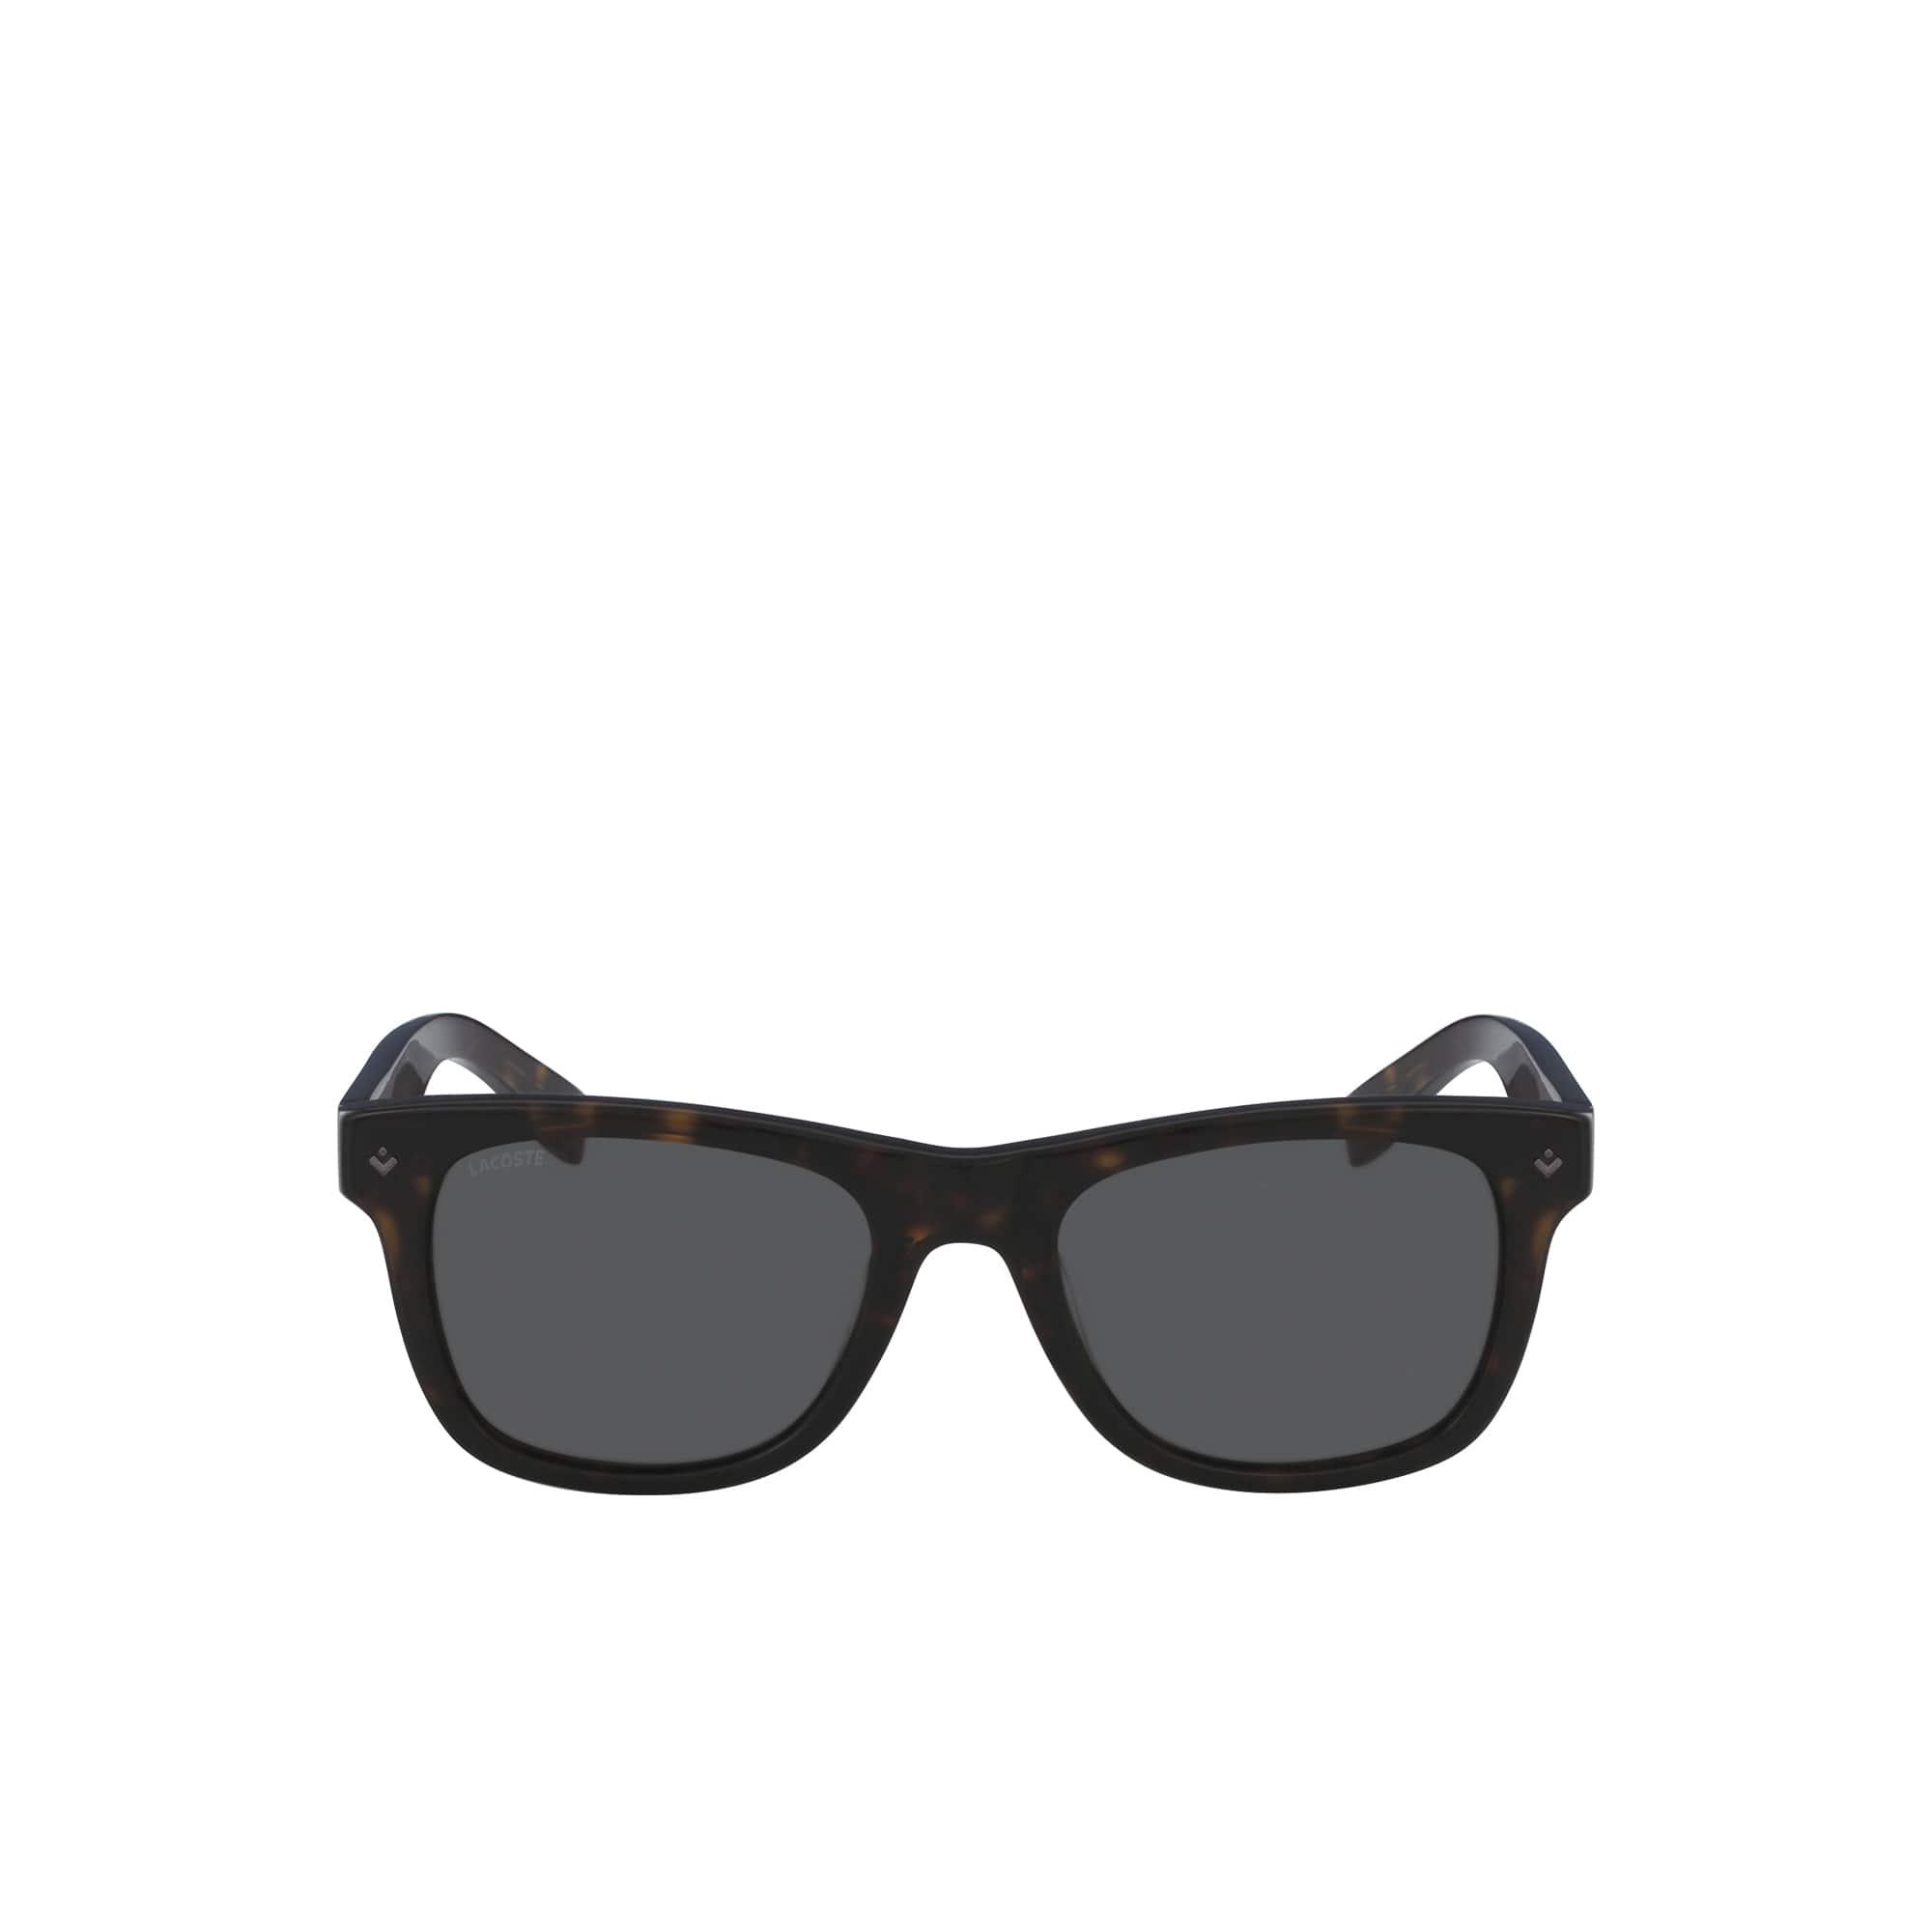 Gafas de sol unisex de pequeño piqué con montura de acetato